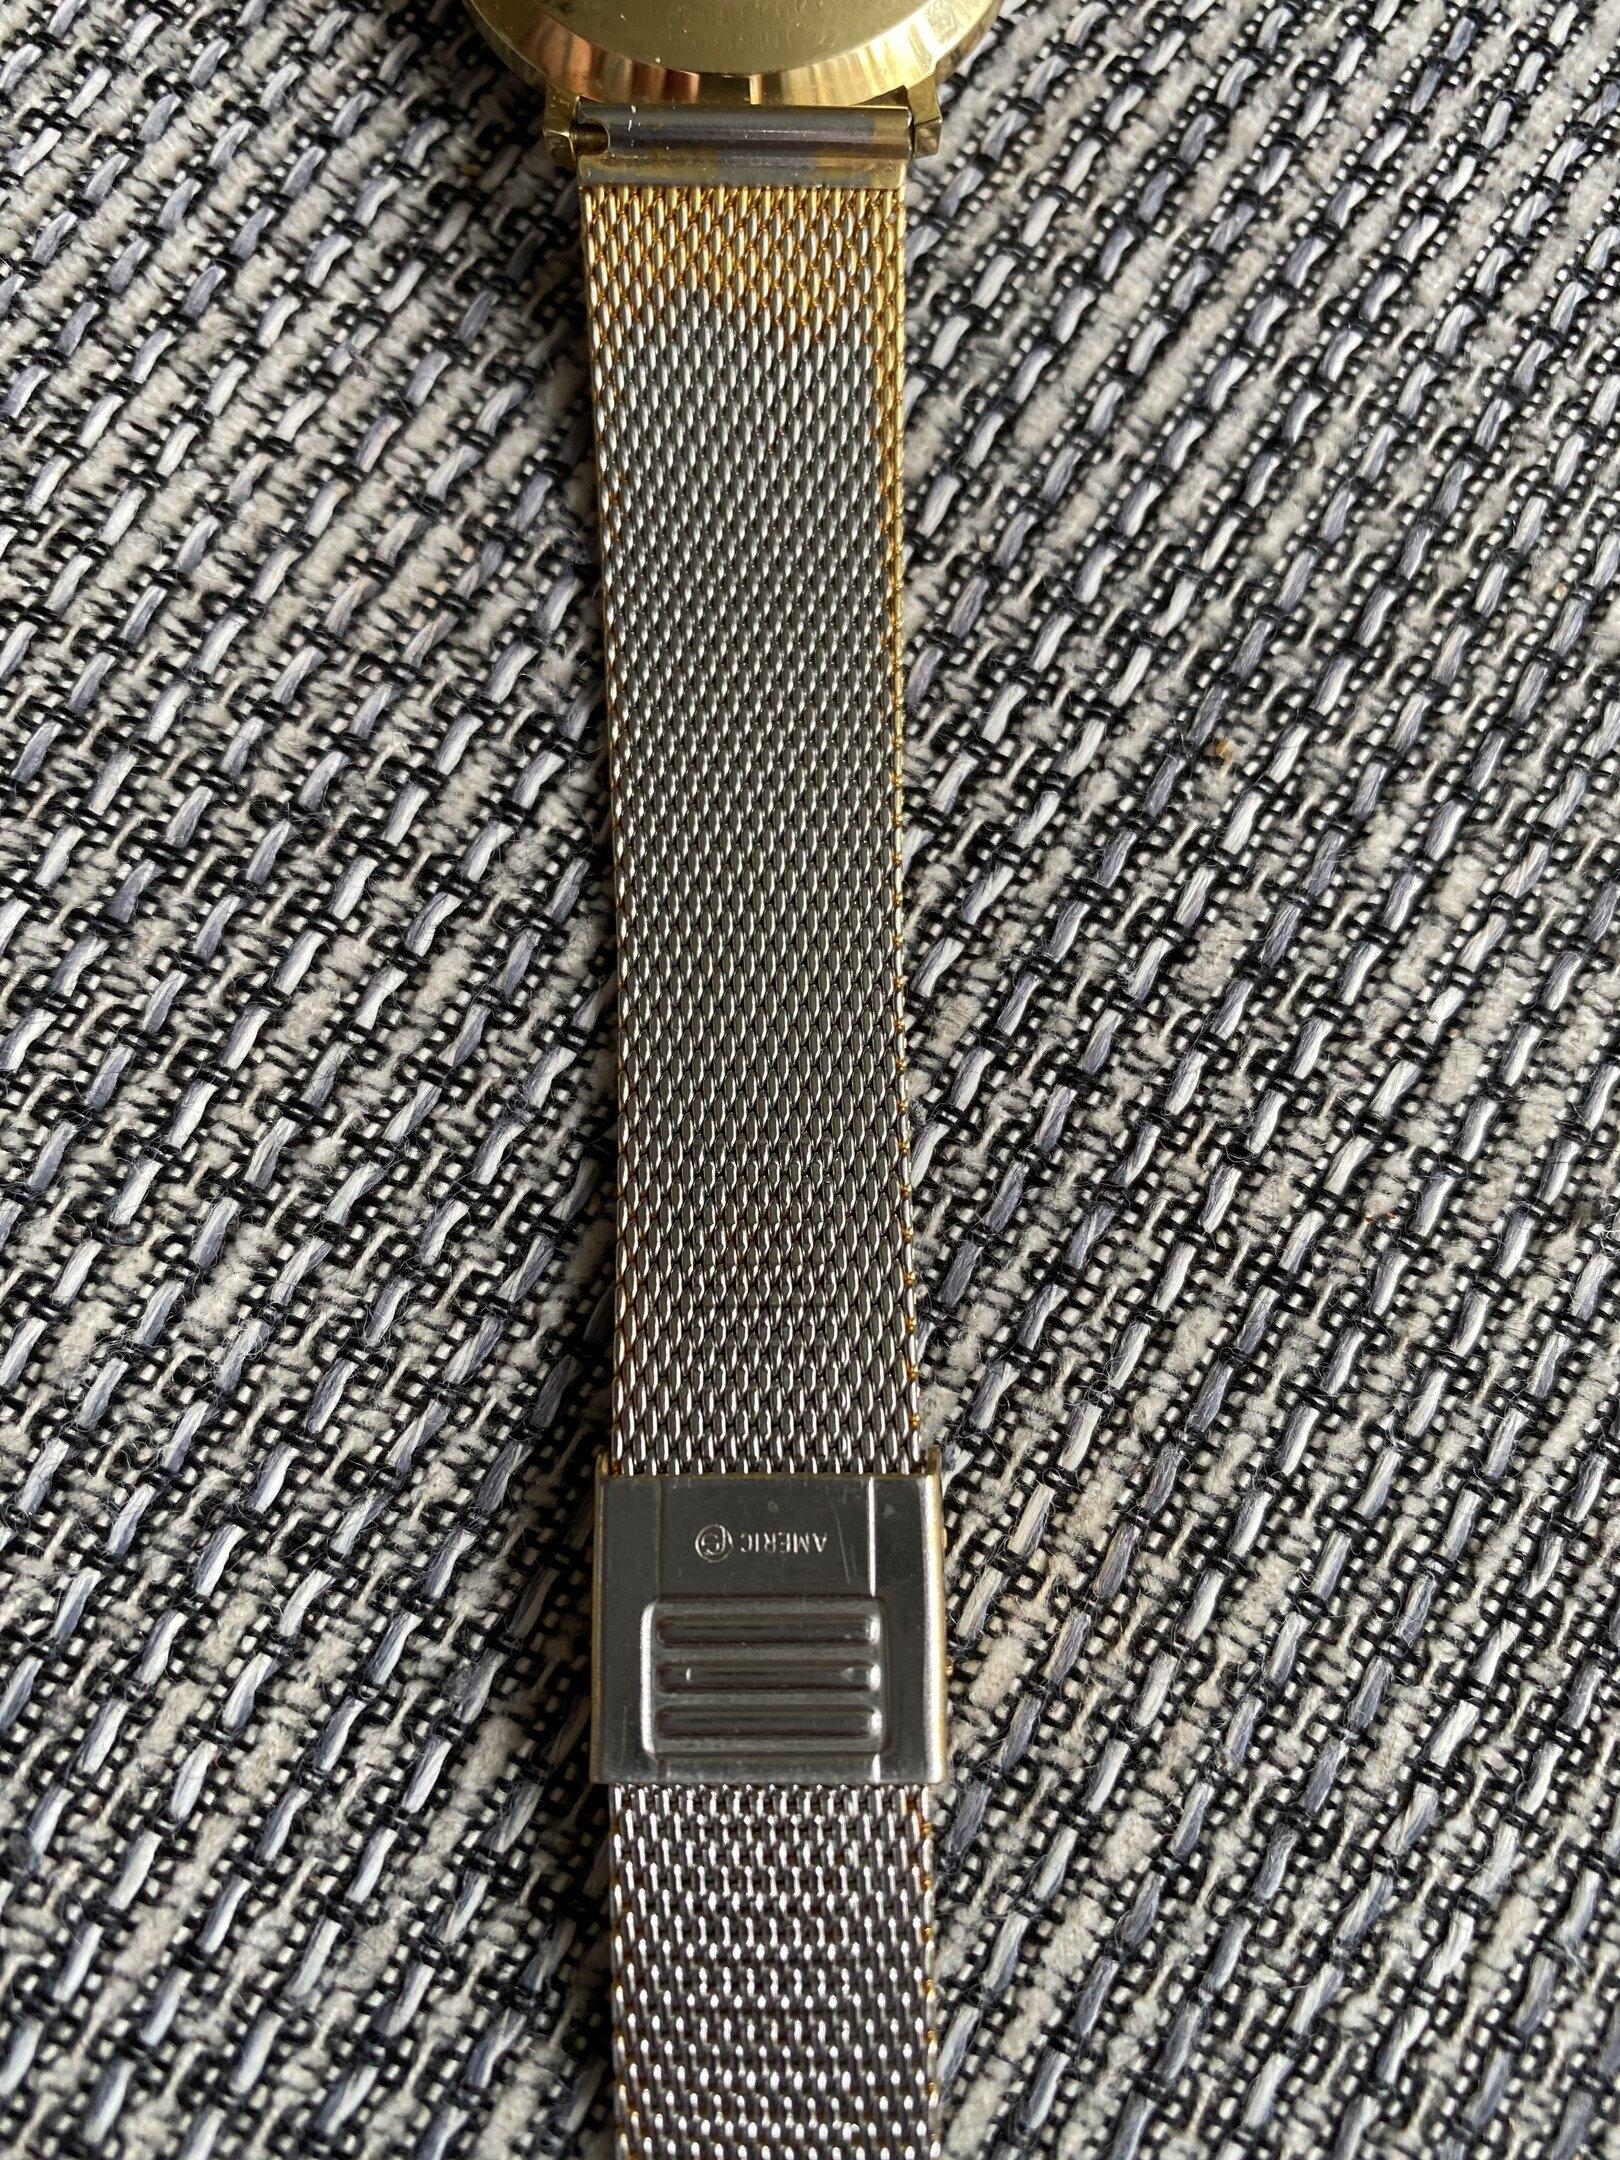 E9DF4356-1302-4A00-B802-1777DCB83528.jpeg